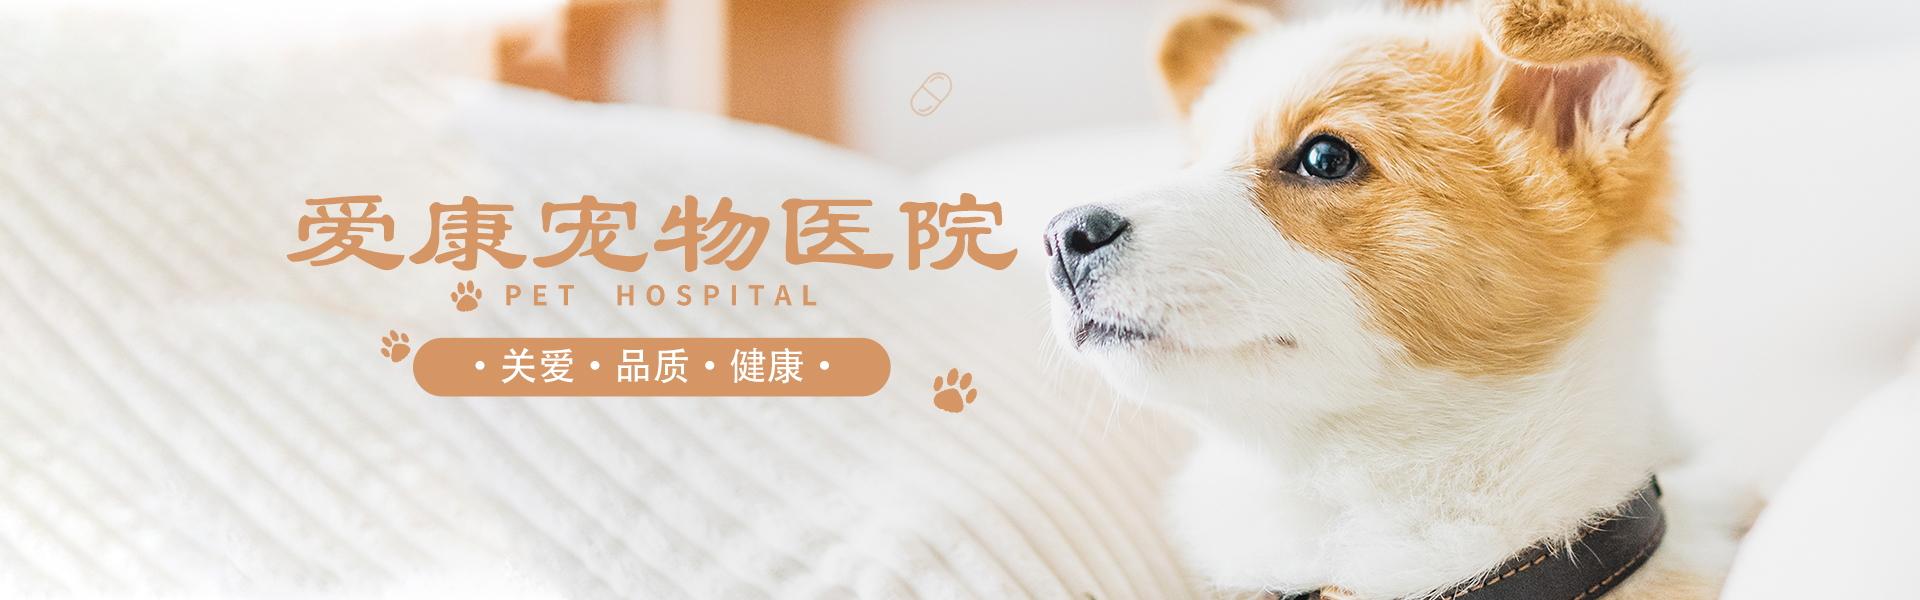 海拉尔宠物诊所